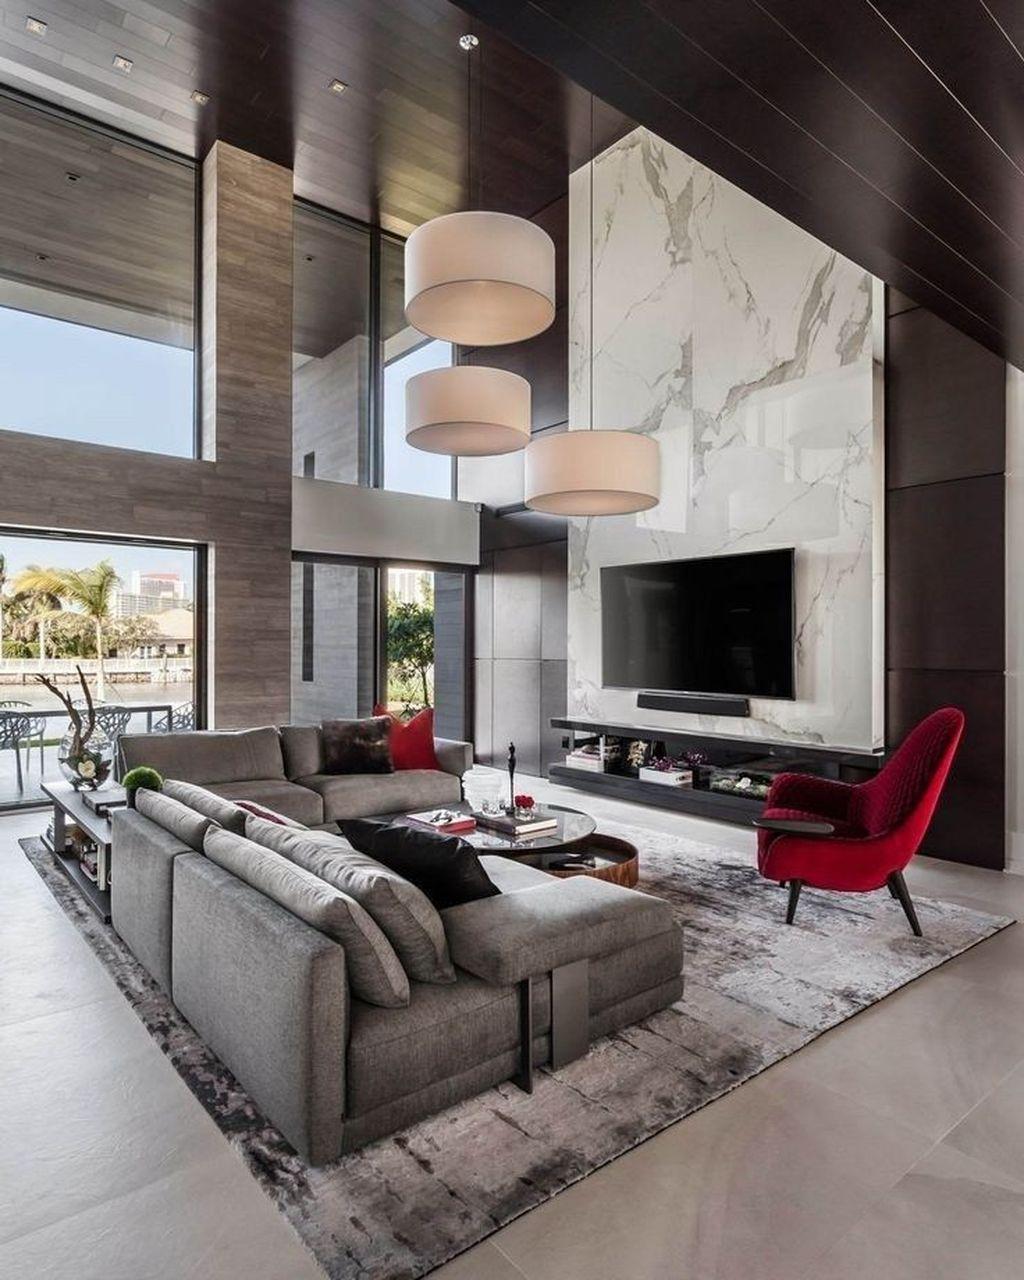 38 The Best Contemporary Living Room Decor Ideas Home